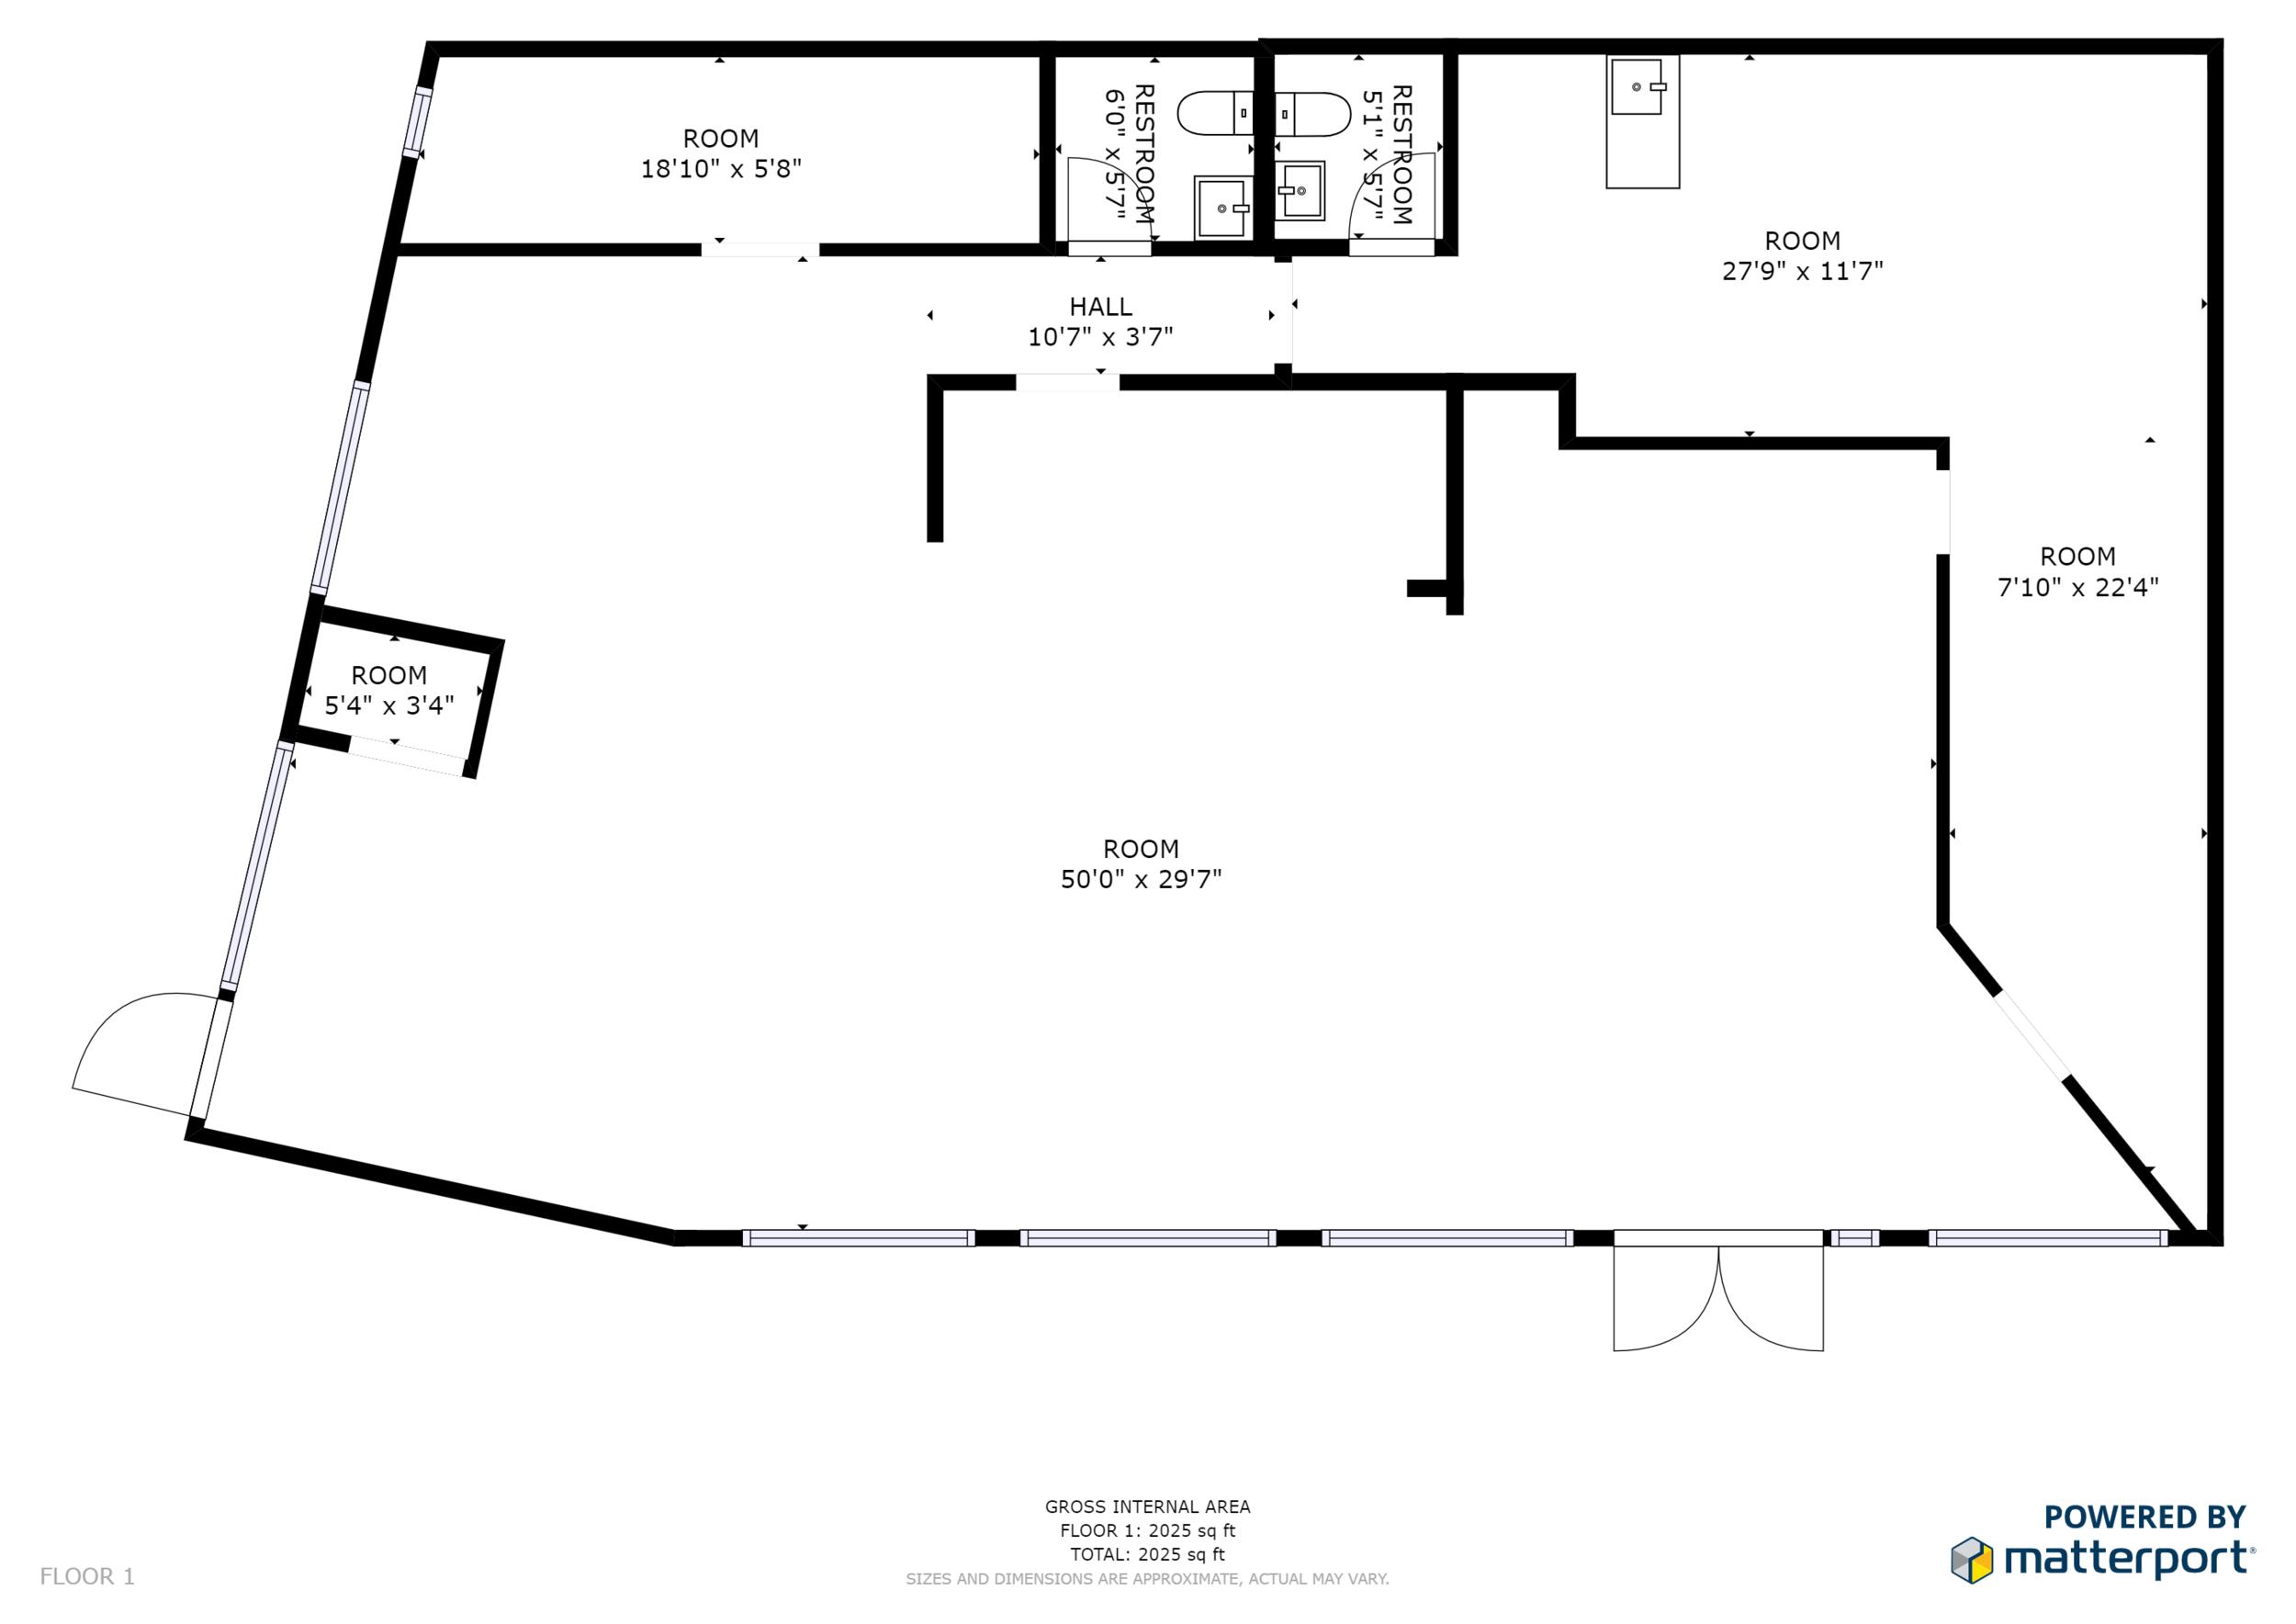 0_floor-plan-only-kirkland-wa_0_1.png